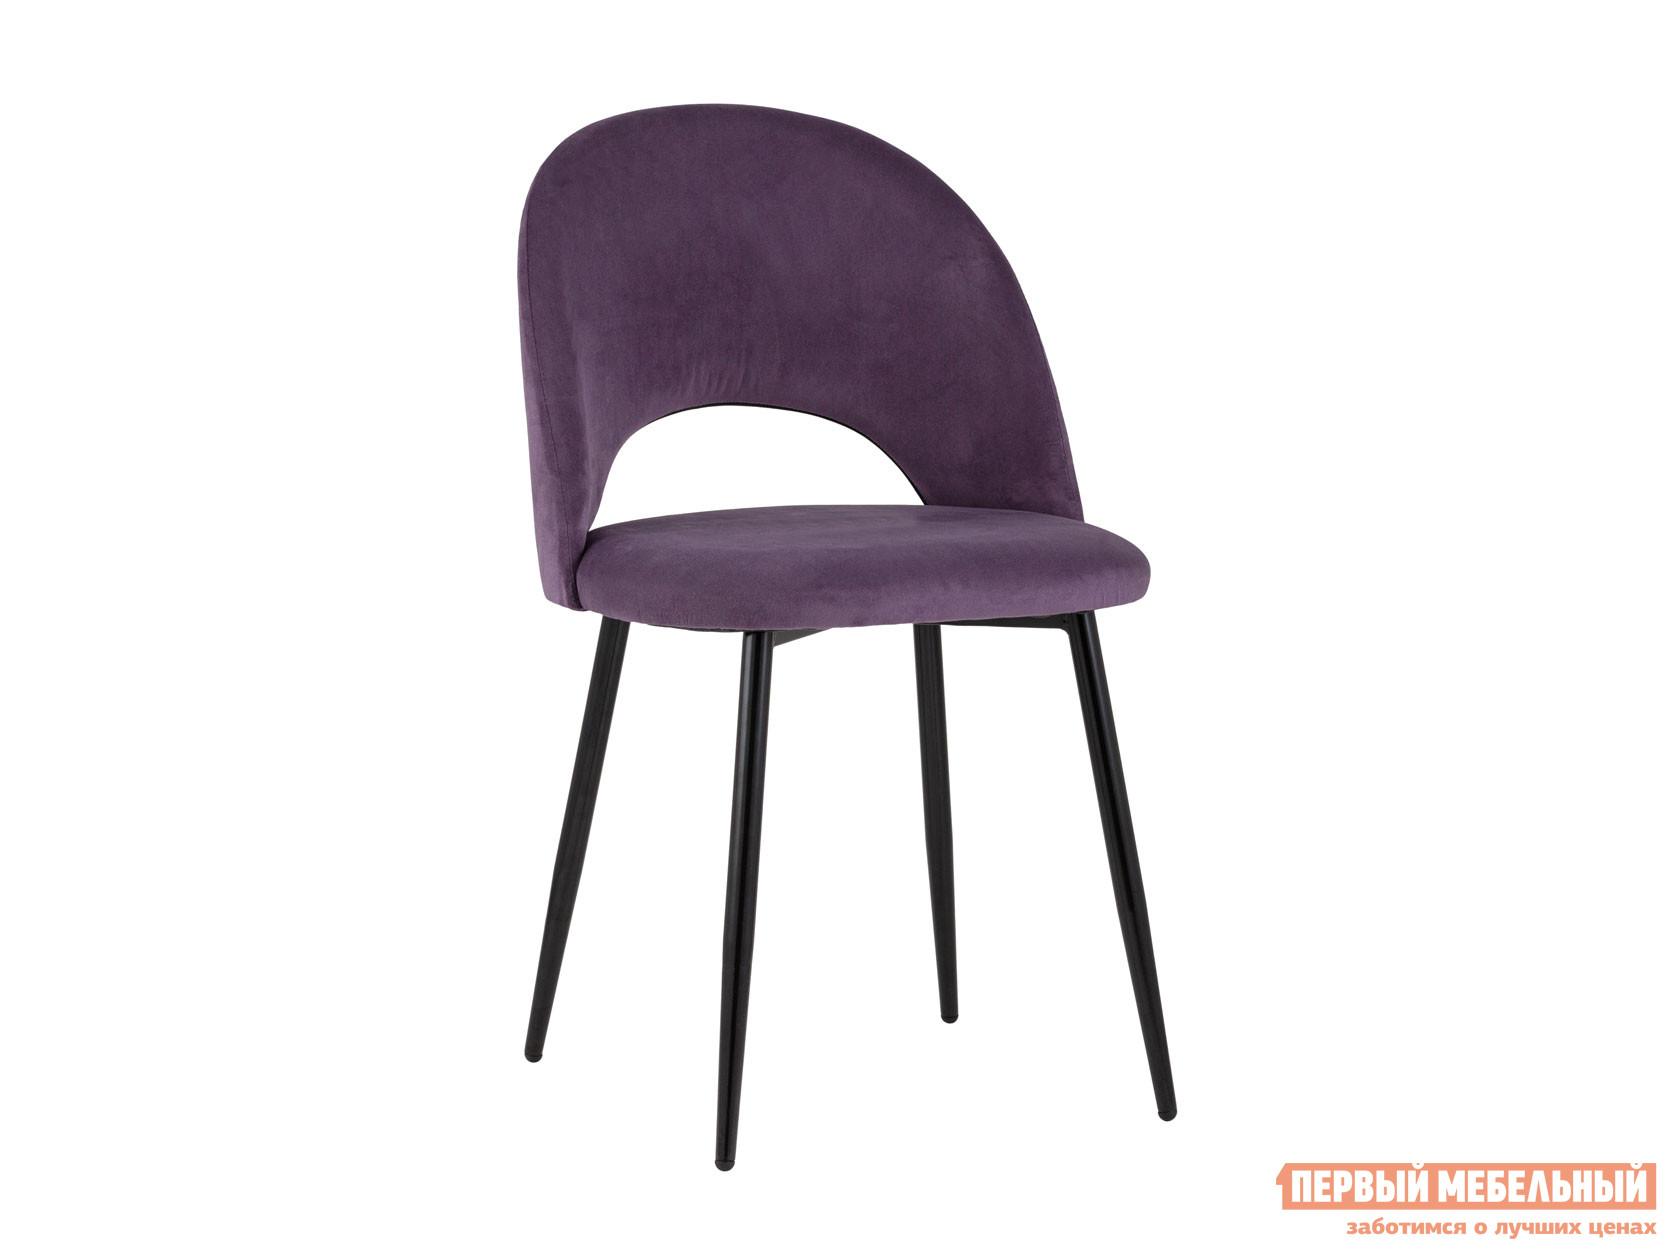 Стул  Стул Софи Фиолетовый, велюр — Стул Софи Фиолетовый, велюр